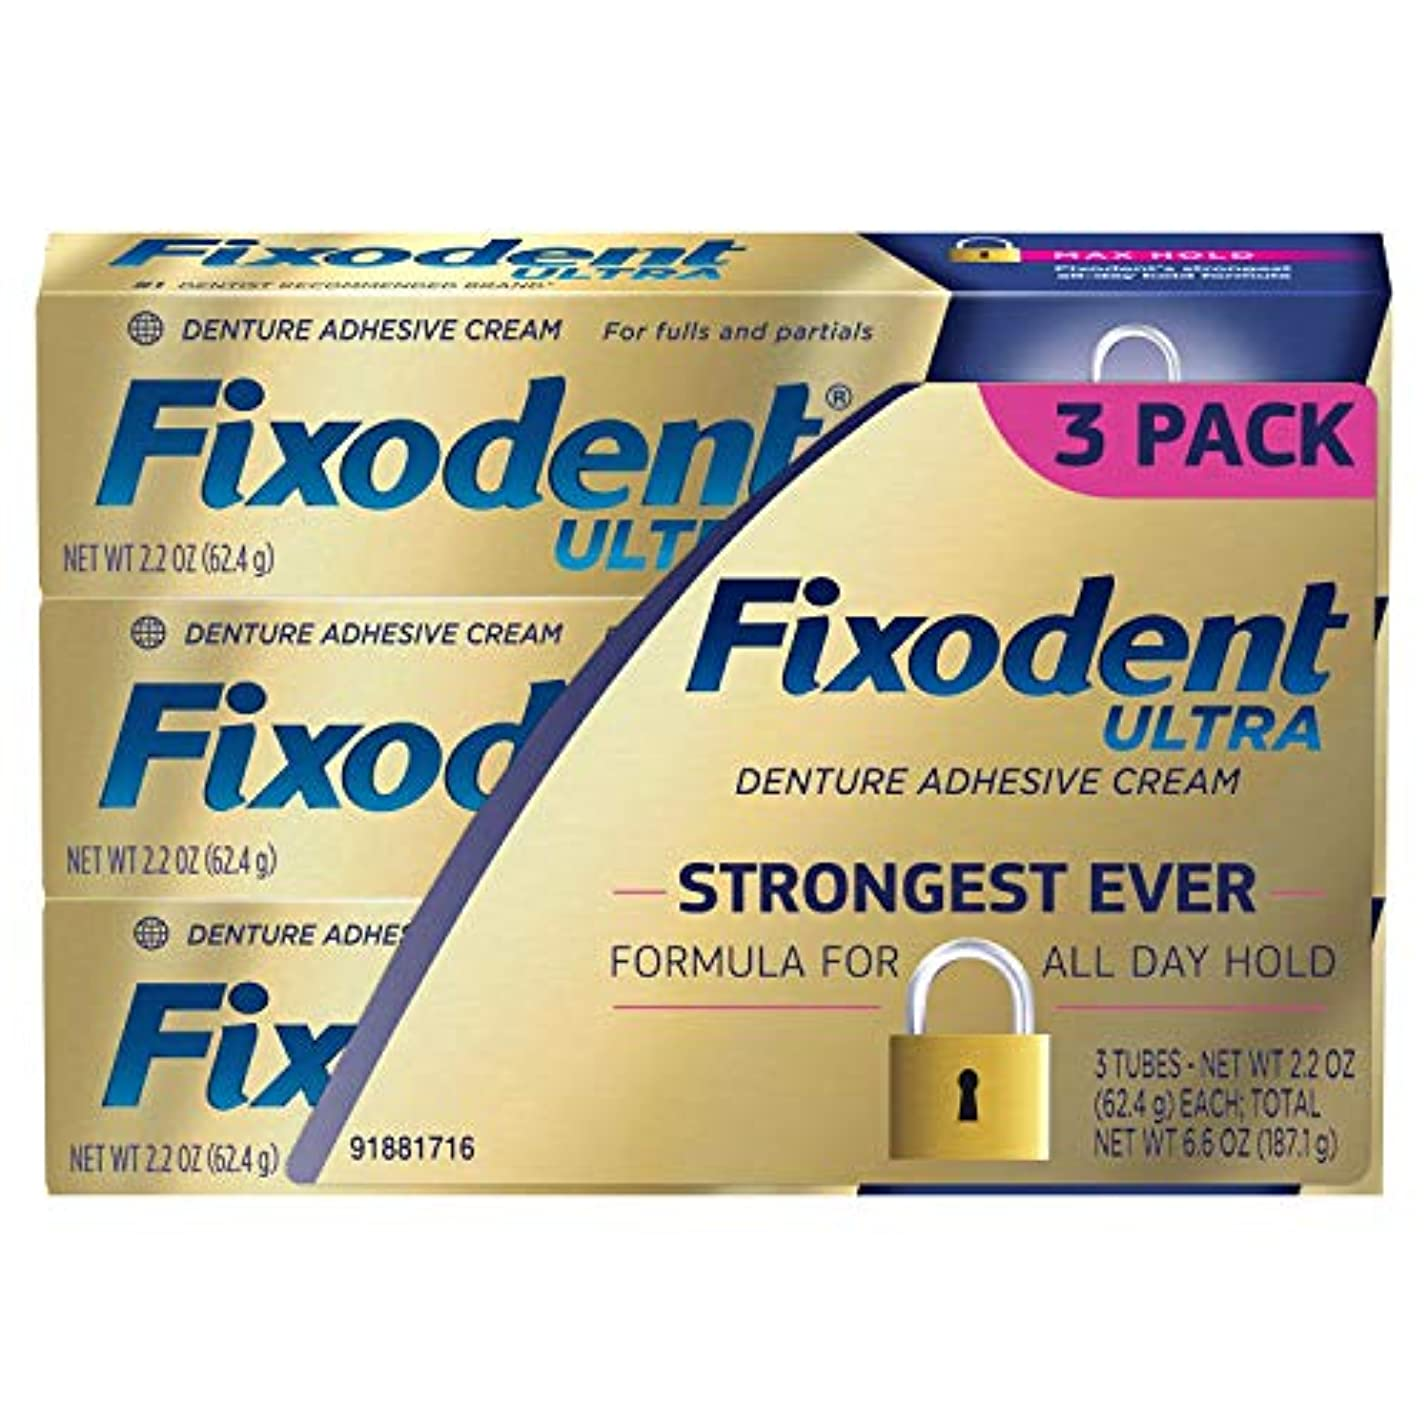 プライバシー契約に同意するFixodent ウルトラマックスホールド歯科用接着、2.2オンス - 3パック